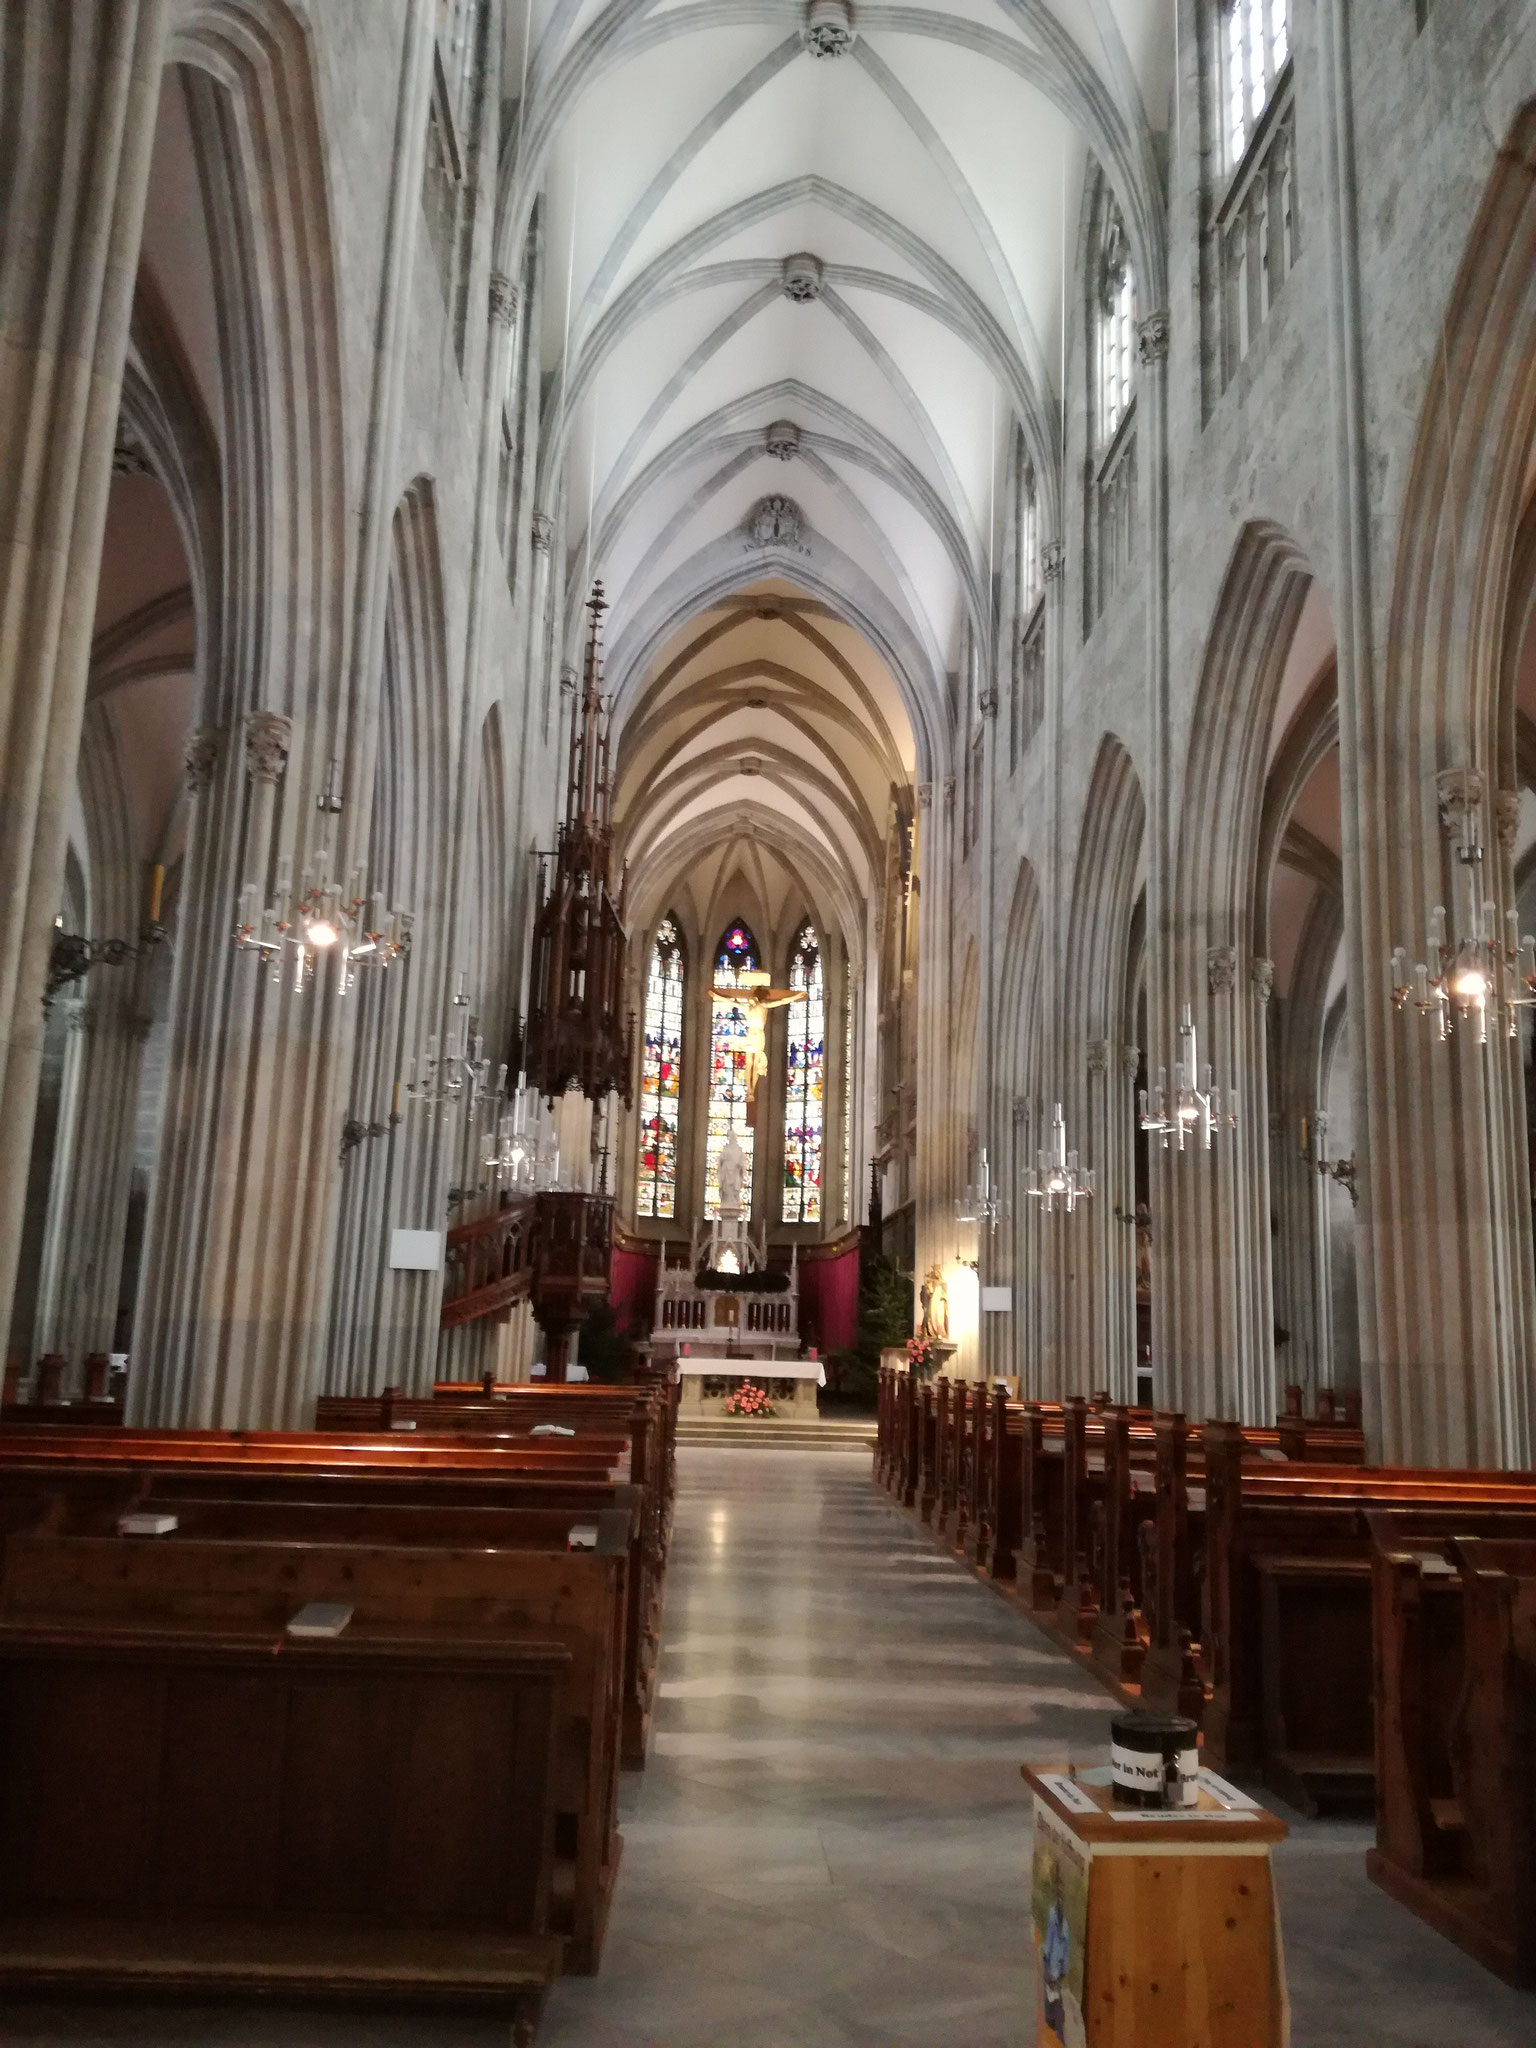 Die Stiftskirche drinnen, wunderschön und riesig.